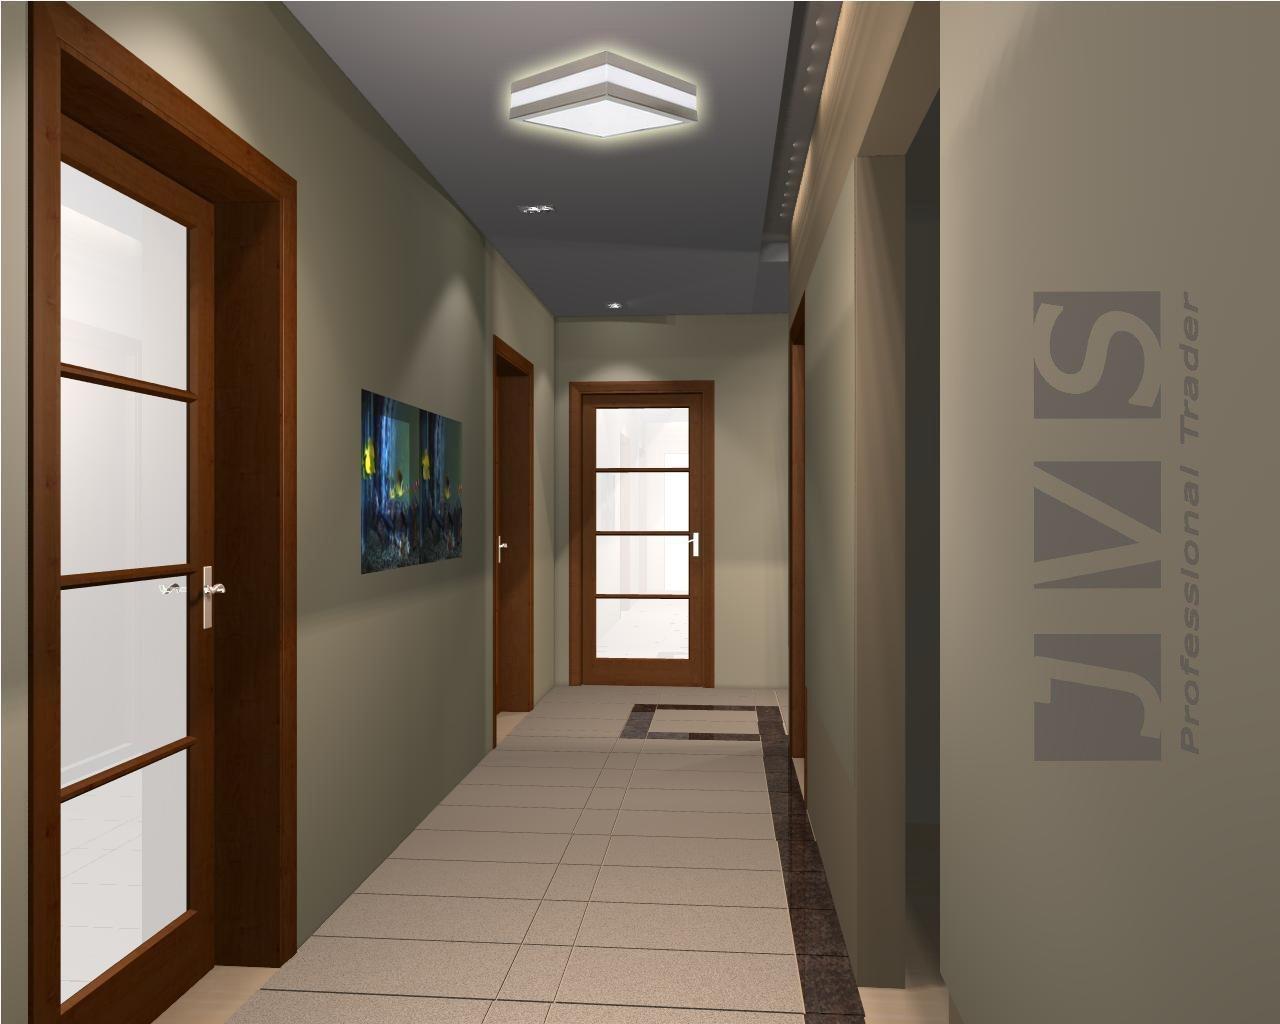 LED Deckenleuchte Bad-Lampe Aussen-Leuchte PROVANCE E27 230V IP44 LED Lampe Wandleuchte LED-Deckenleuchte Au/ßenleuchte Wandstrahler LED Leuchte Aussenbeleuchtung Wohnzimmerlampe f/ür Badezimmer K/üche Flur Badlamp inkl. 2x LED 10W Warmweiss